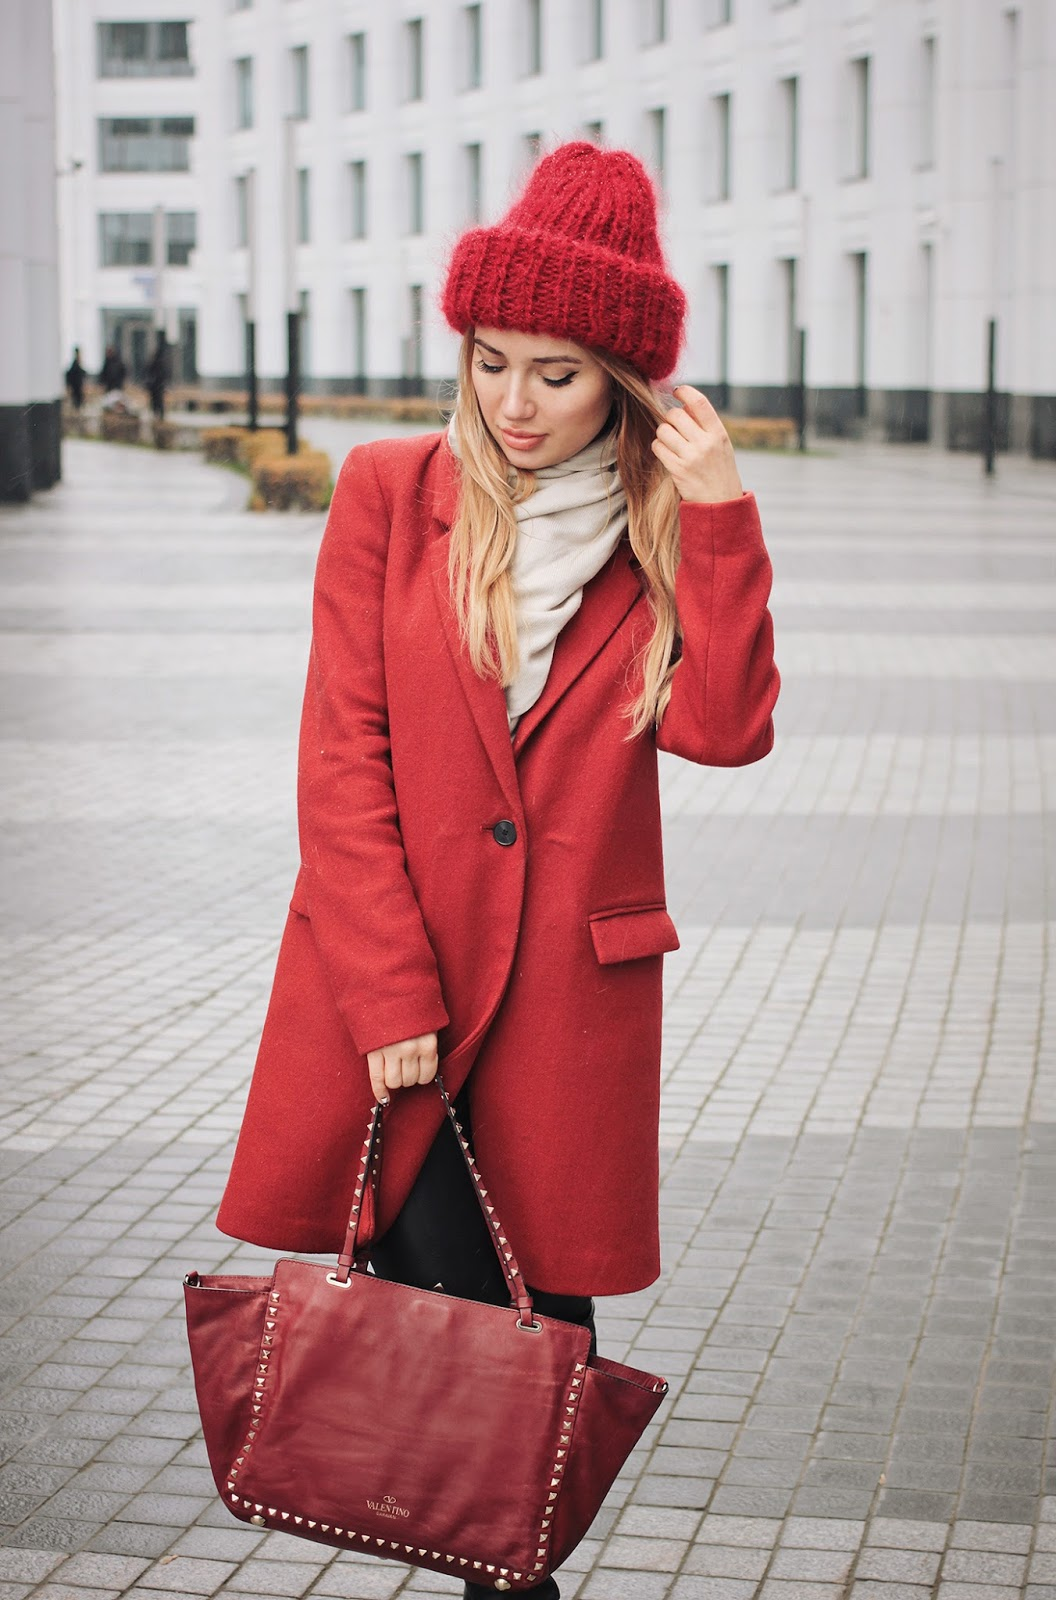 модные блоггеры осень зима 2016, уличная мода осень зима блоггеров, модные блоггеры зима 2016